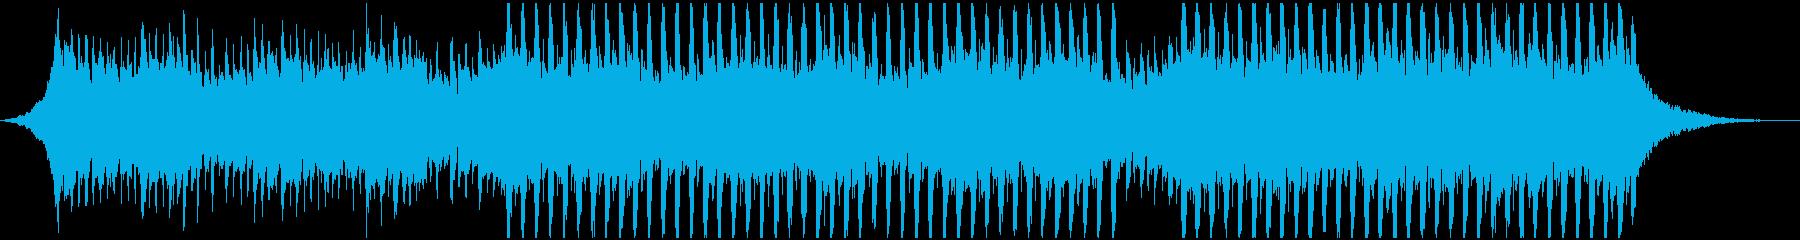 ポップ ロック 民謡 コーポレート...の再生済みの波形